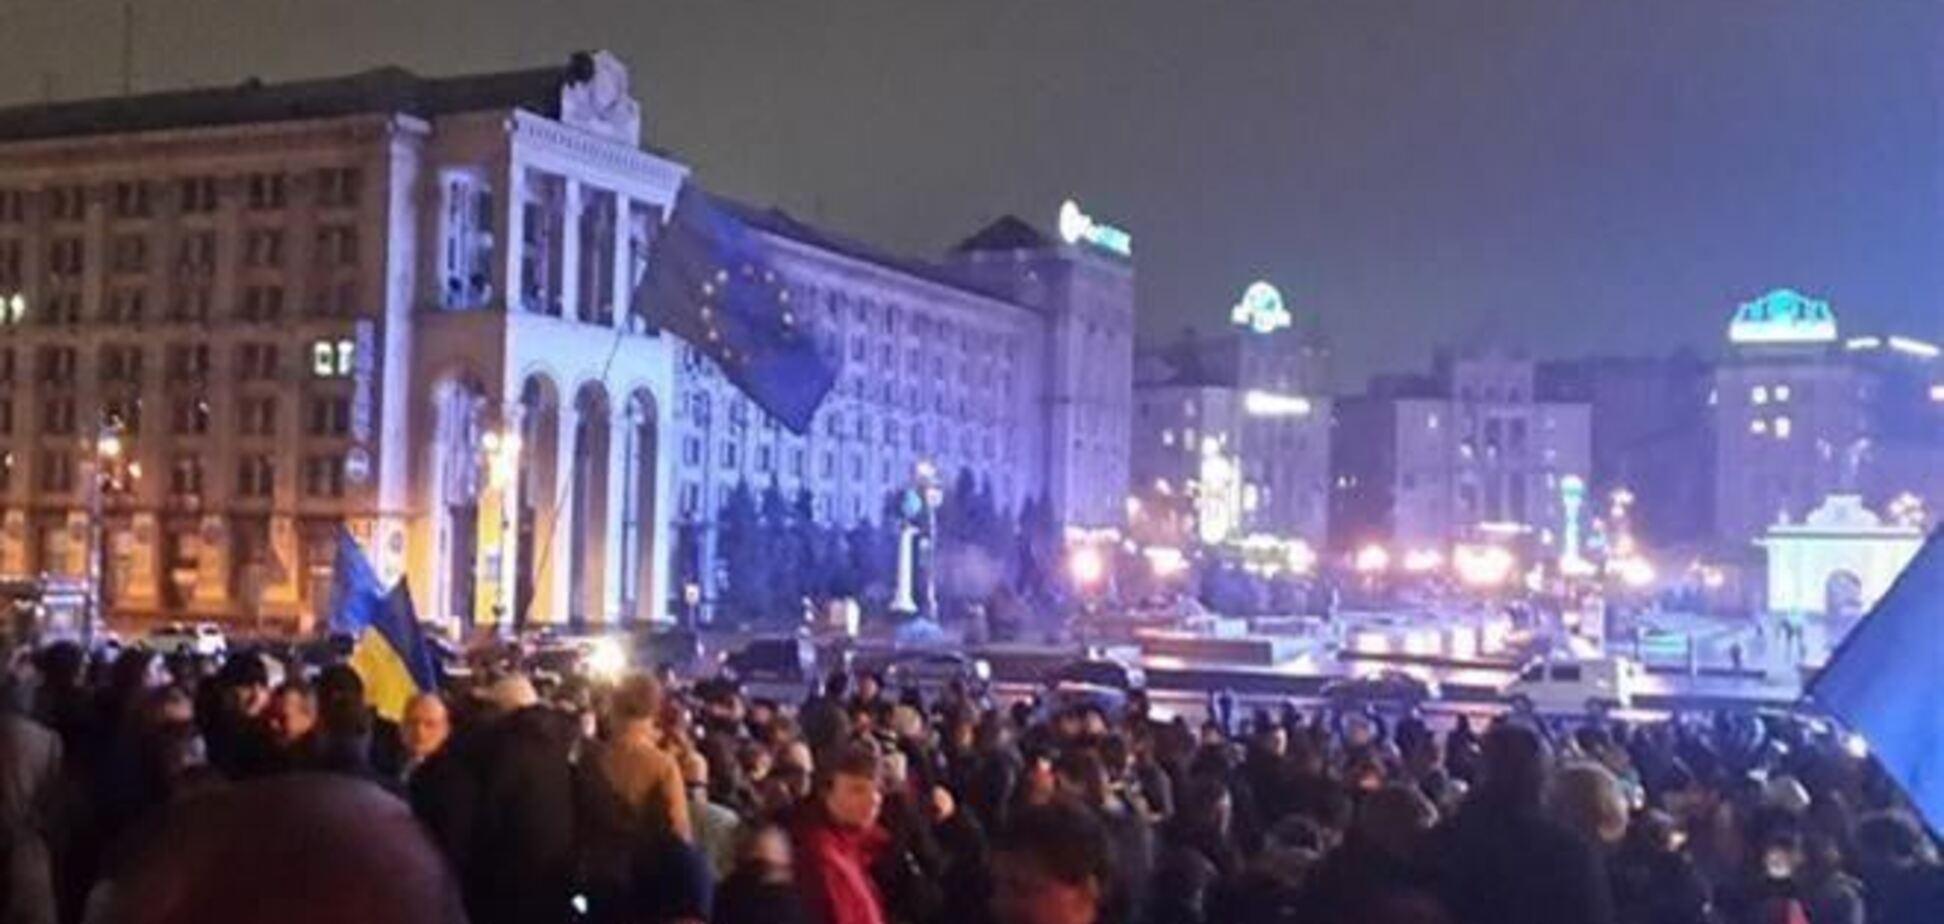 Из-за Евромайдана в центре Киева подорожали уличные туалеты